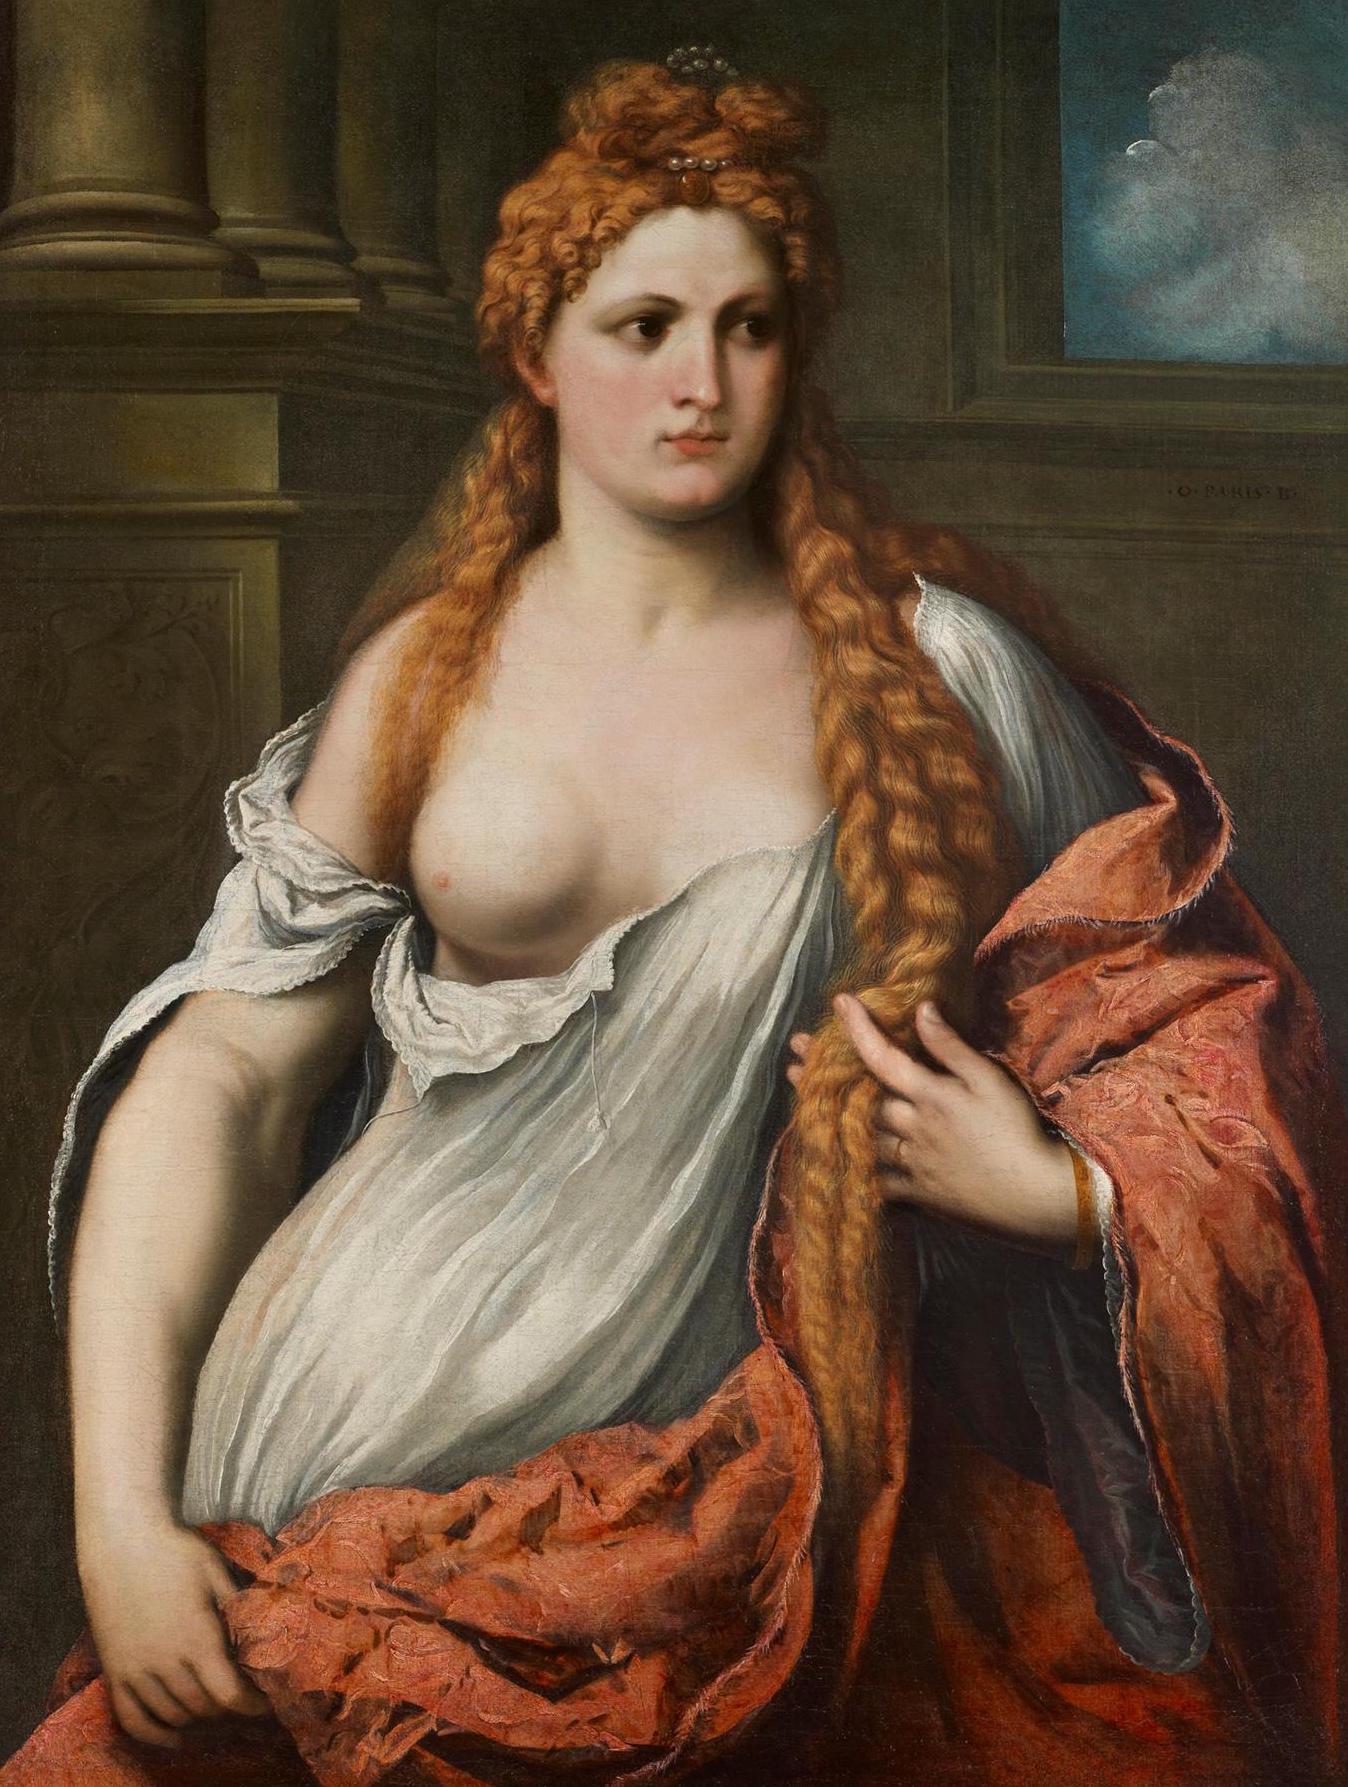 Paris Bordone, Portrait d'une jeune femme, (1540), collection privée.